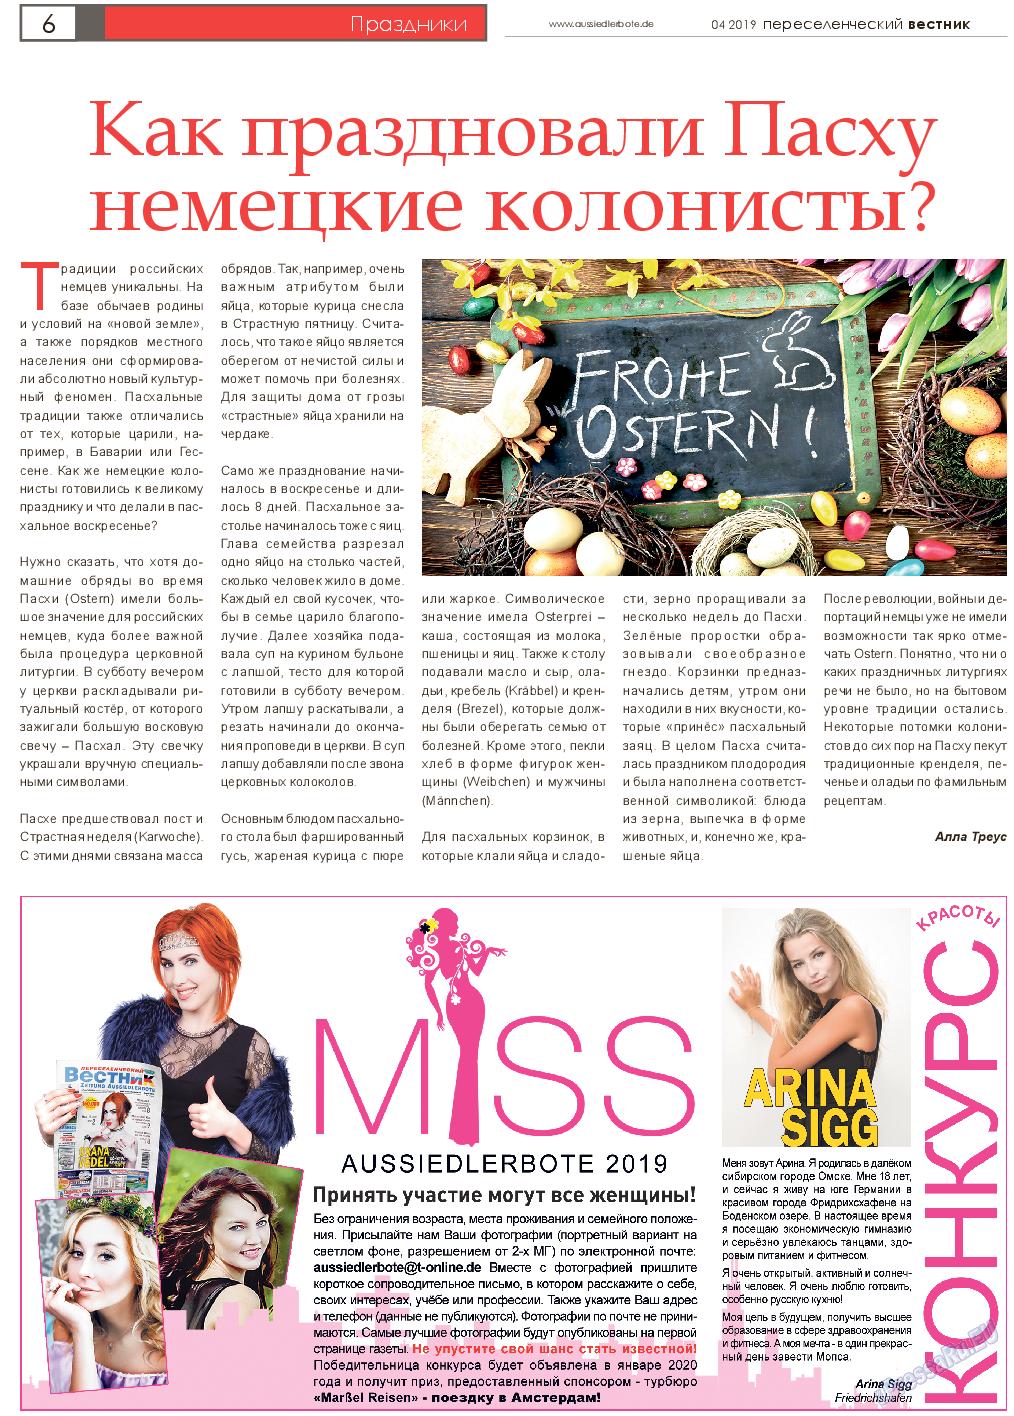 Переселенческий вестник (газета). 2019 год, номер 4, стр. 6